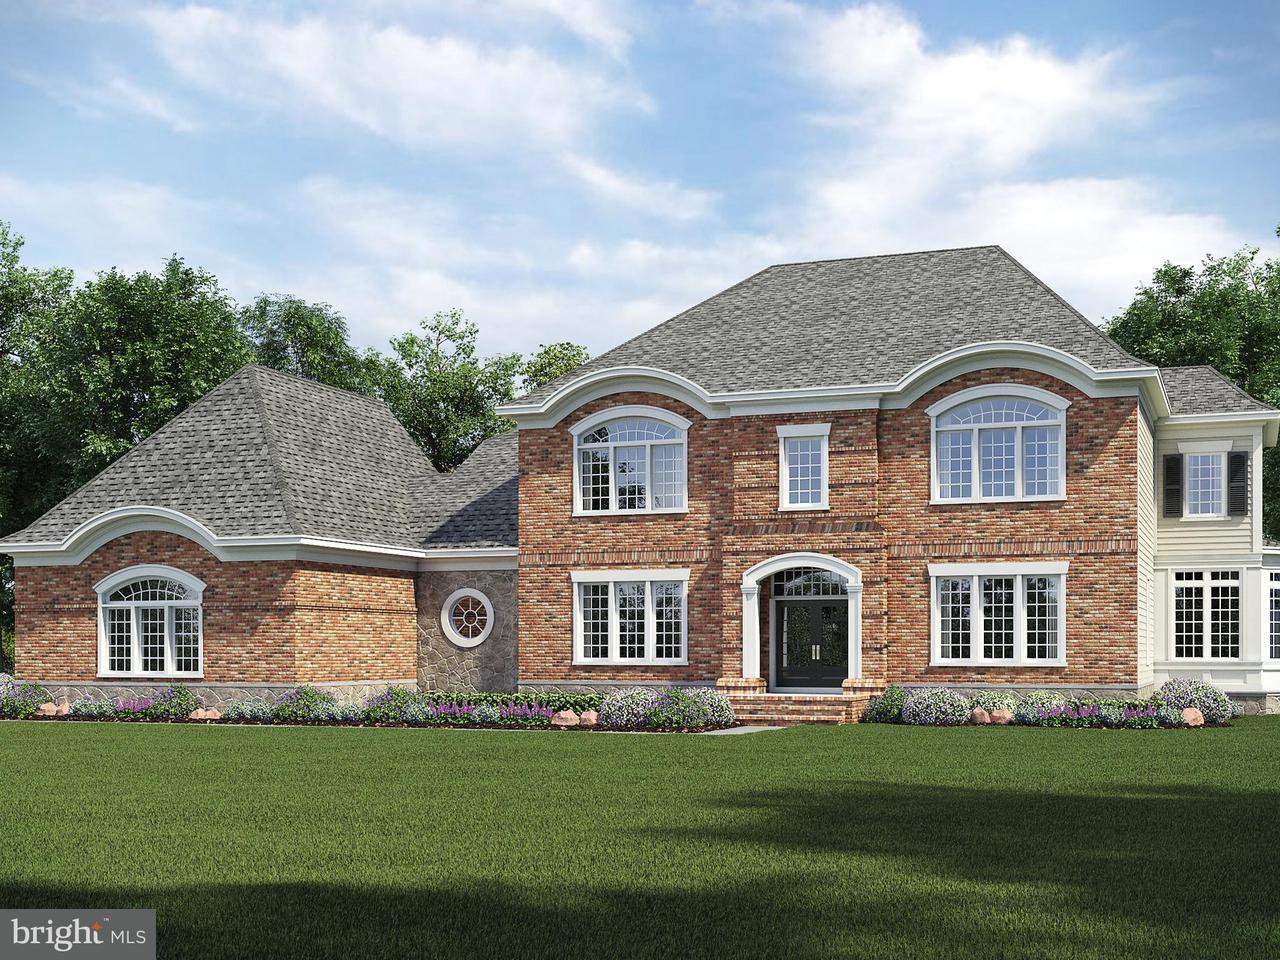 단독 가정 주택 용 매매 에 Fox Chapel Estates Drive Fox Chapel Estates Drive Fairfax, 버지니아 22030 미국